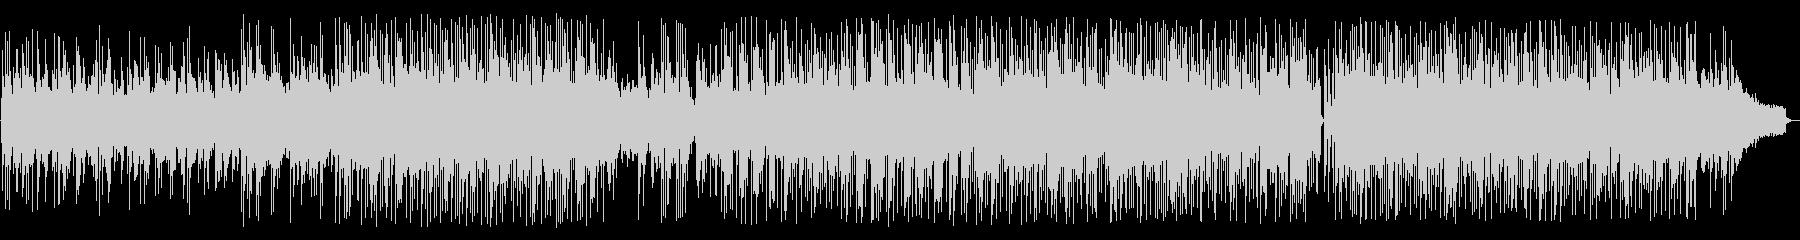 アコースティックギターのフュージョンの未再生の波形